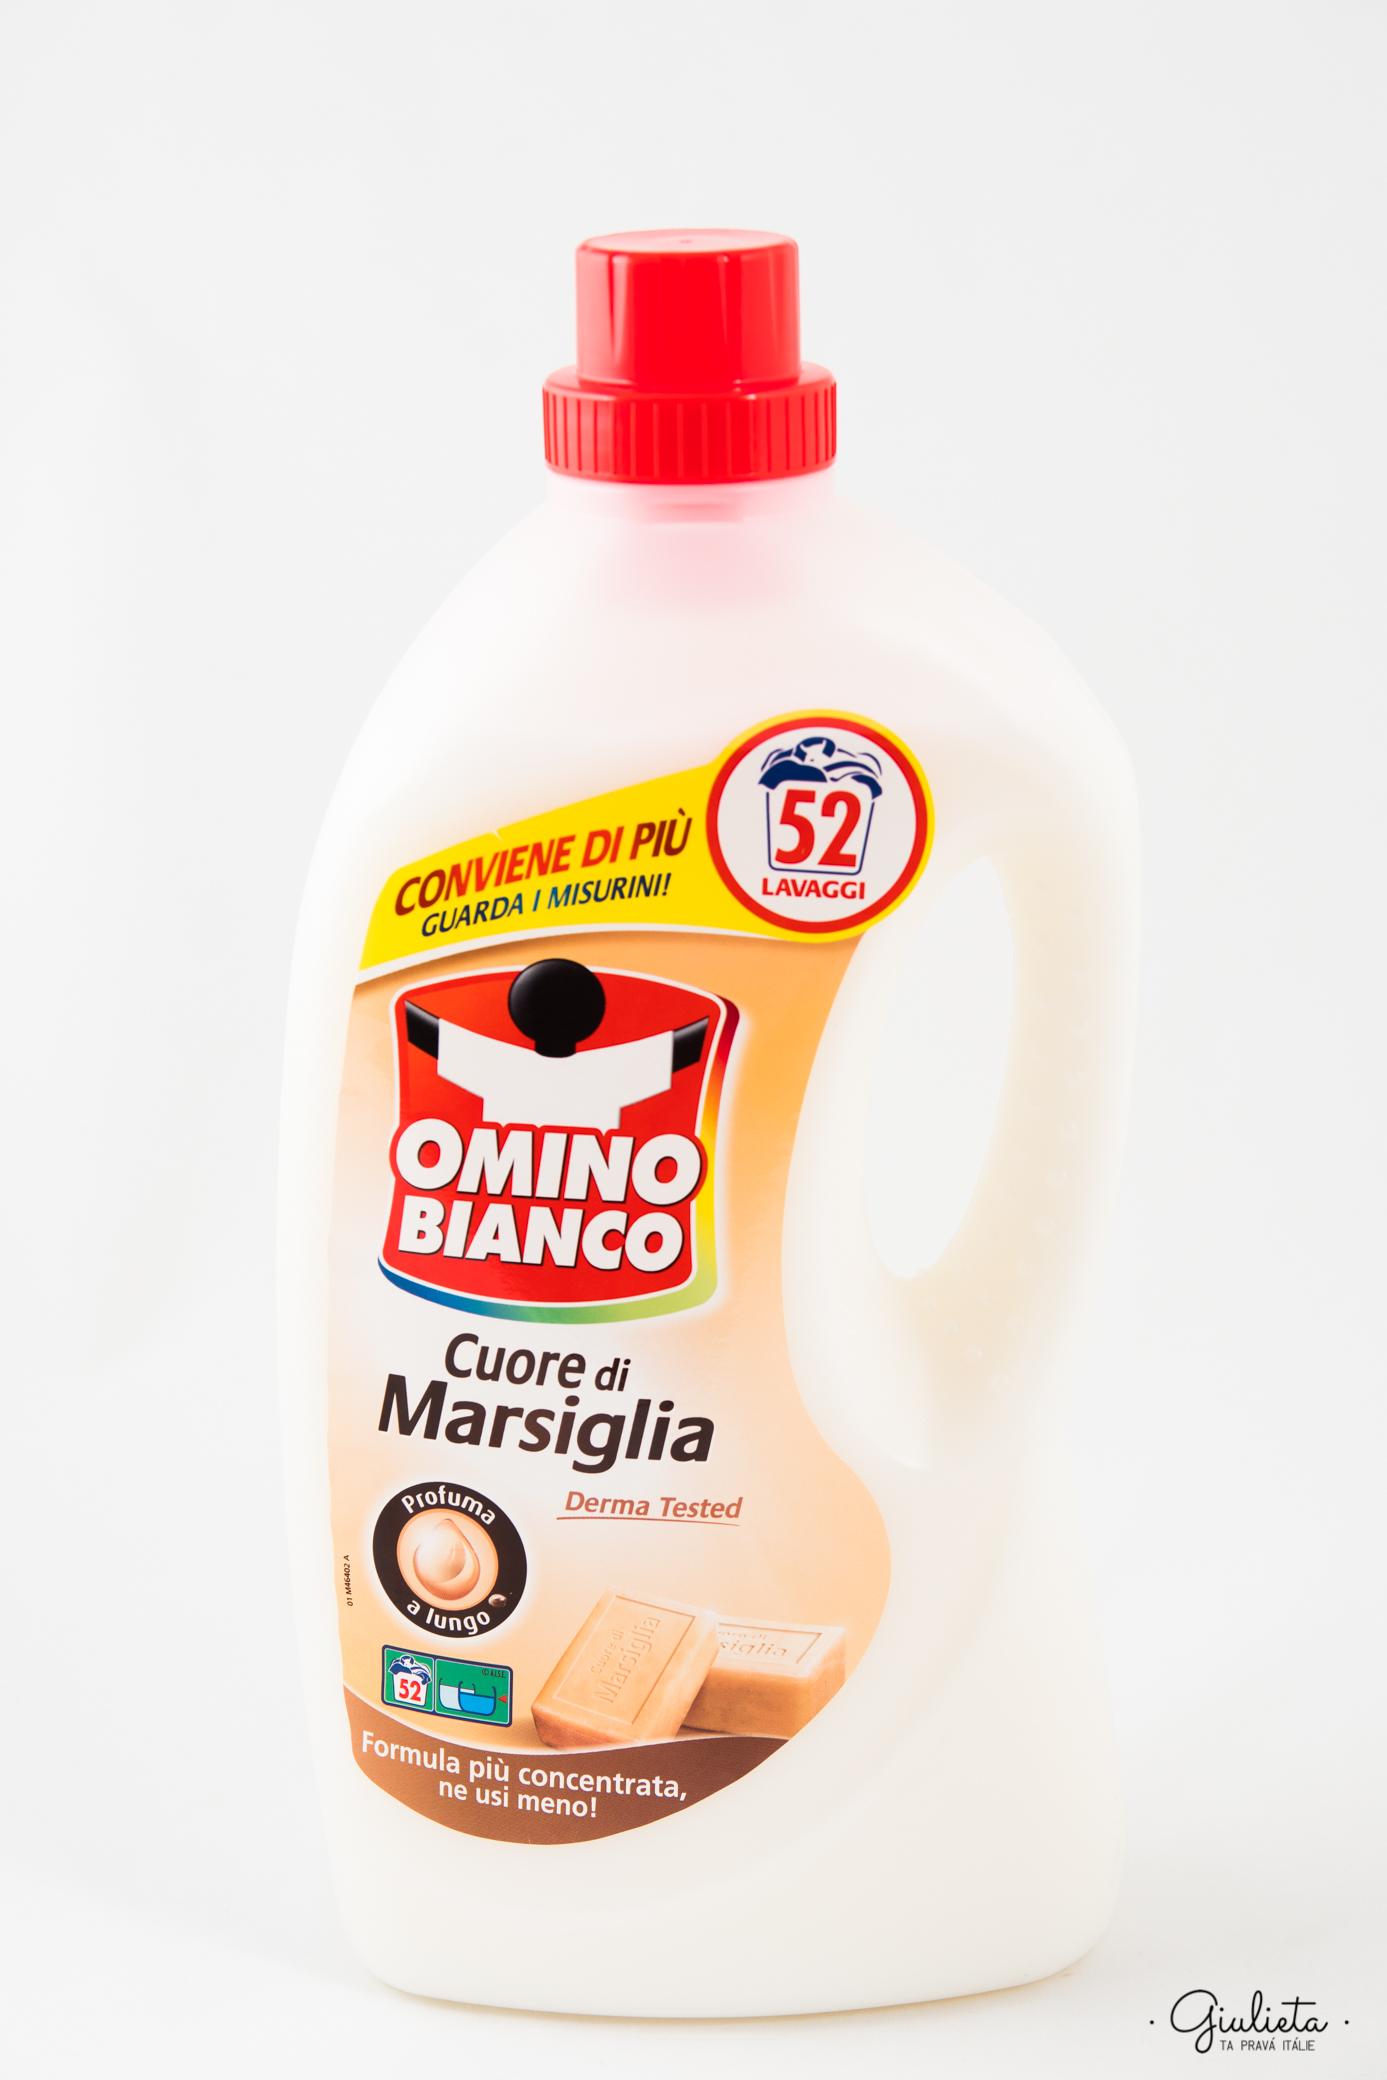 Omino Bianco prací gel Marsiglia, 52 pracích dávek